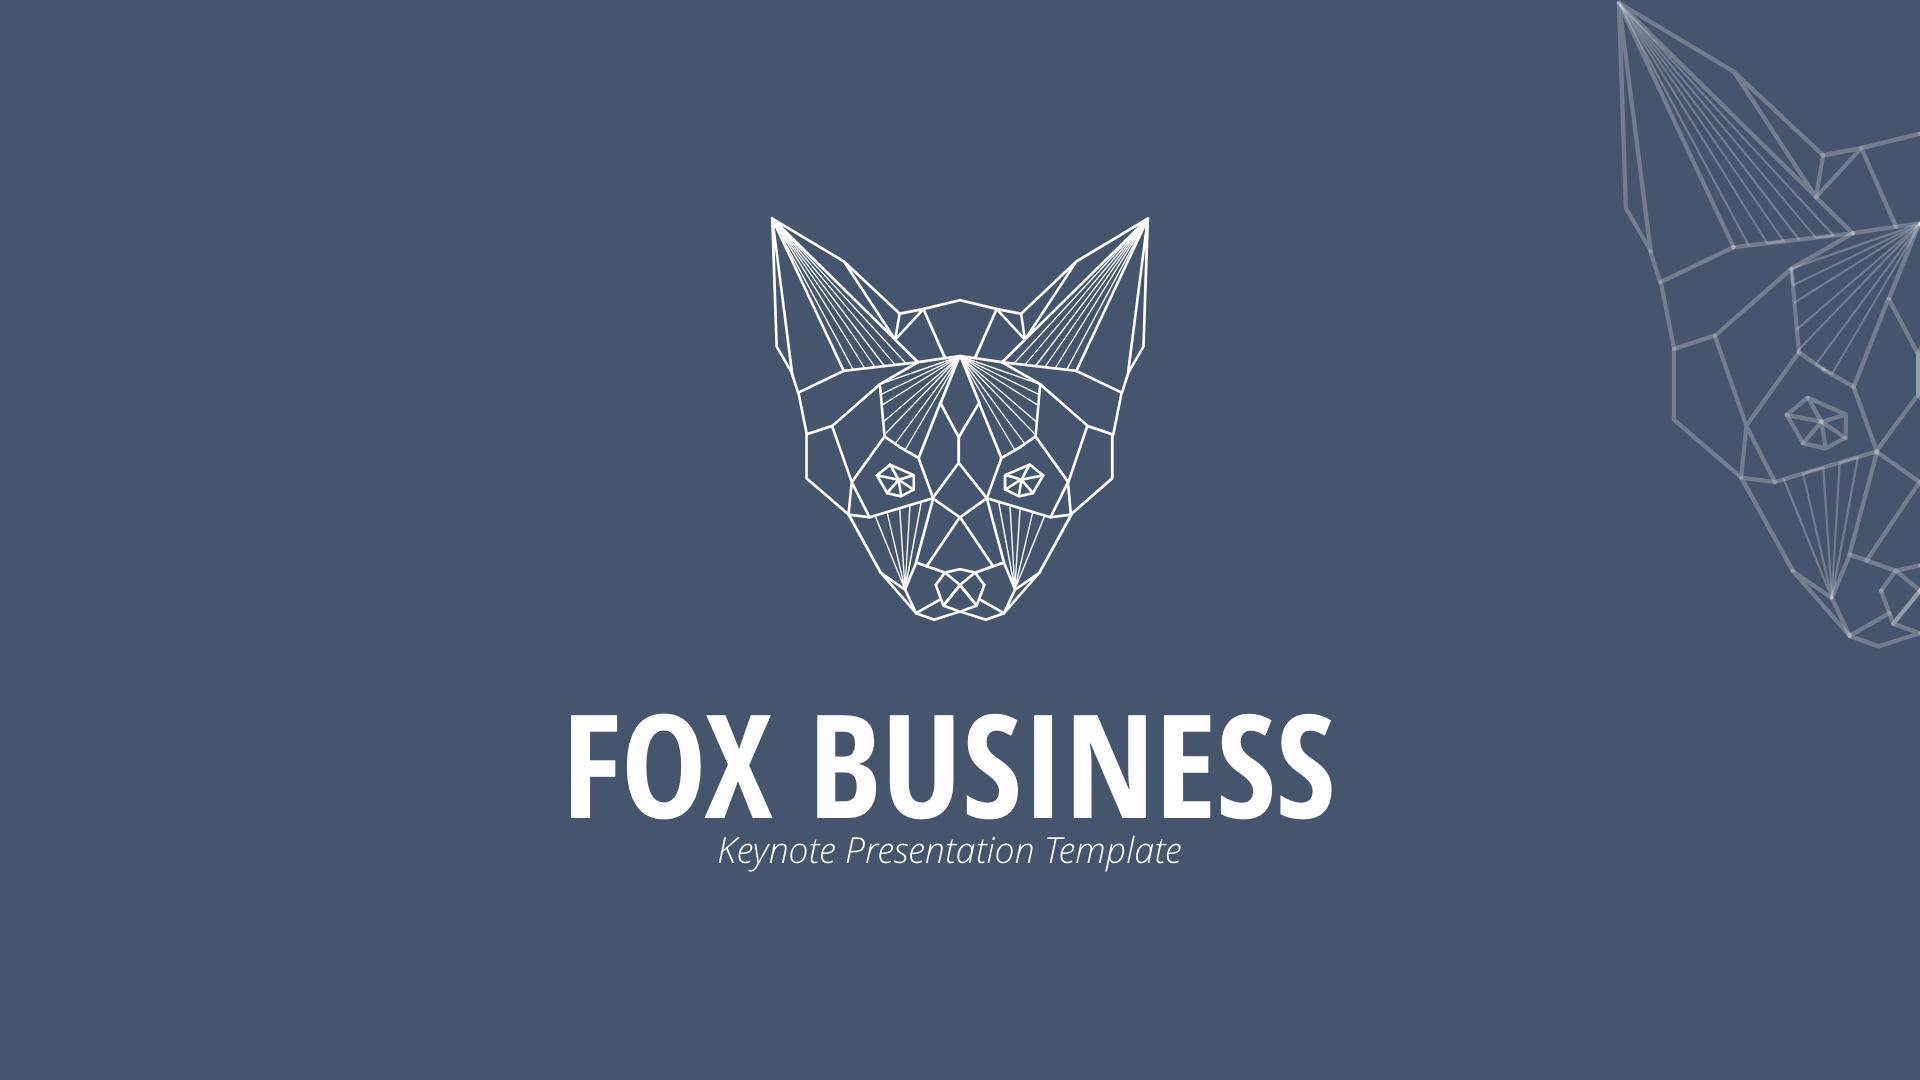 Fx business